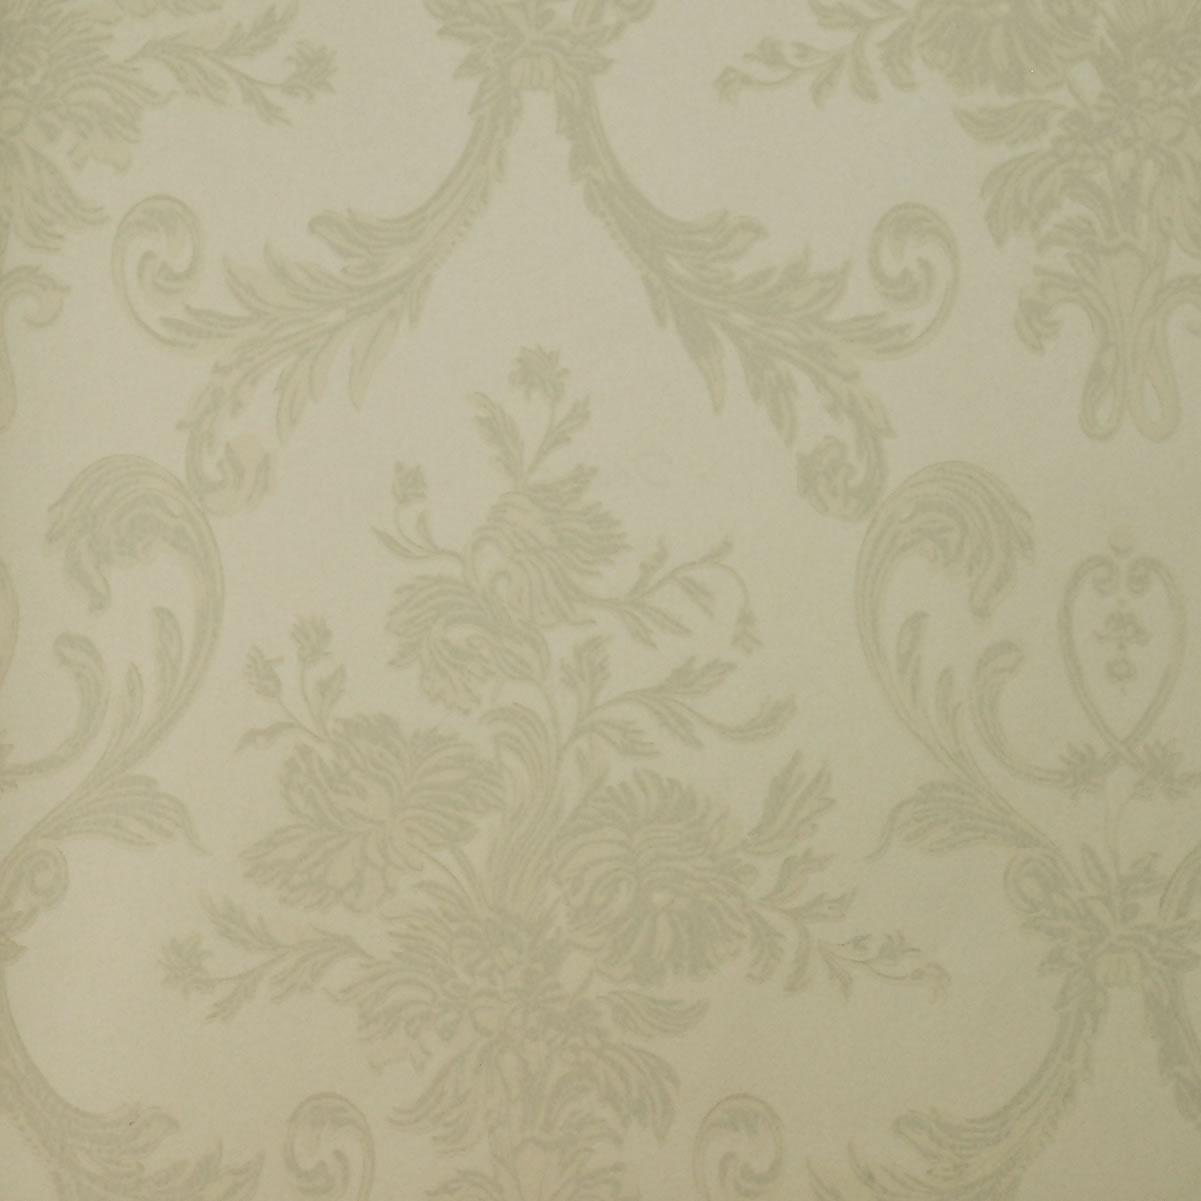 供应威海墙纸_威海墙纸报价_威海墙纸批发商_威海墙纸_威海墙纸报价_威海墙纸批发商 墙纸的发展趋势 有人戏称墙纸、墙布是墙面的时装,这一点也不夸张,因为它往往和时装一样代表时代的潮流,反映人的个性,表达人们对美丽和舒适的追求。在设计师和工艺师们的共同创新下,应用新的技术和设备,现有的墙纸、墙布产品已具有款式丰富、色彩缤纷、肌理鲜明、质感柔和、吸音透气、不易爆裂、裱贴简单、更换容易和可用水清洗等等优点,并根据需要做成阻燃、抗菌、抗静电等环保特殊功能产品。它的色彩、图案、质感都可以通过精心设计,更加适应各种